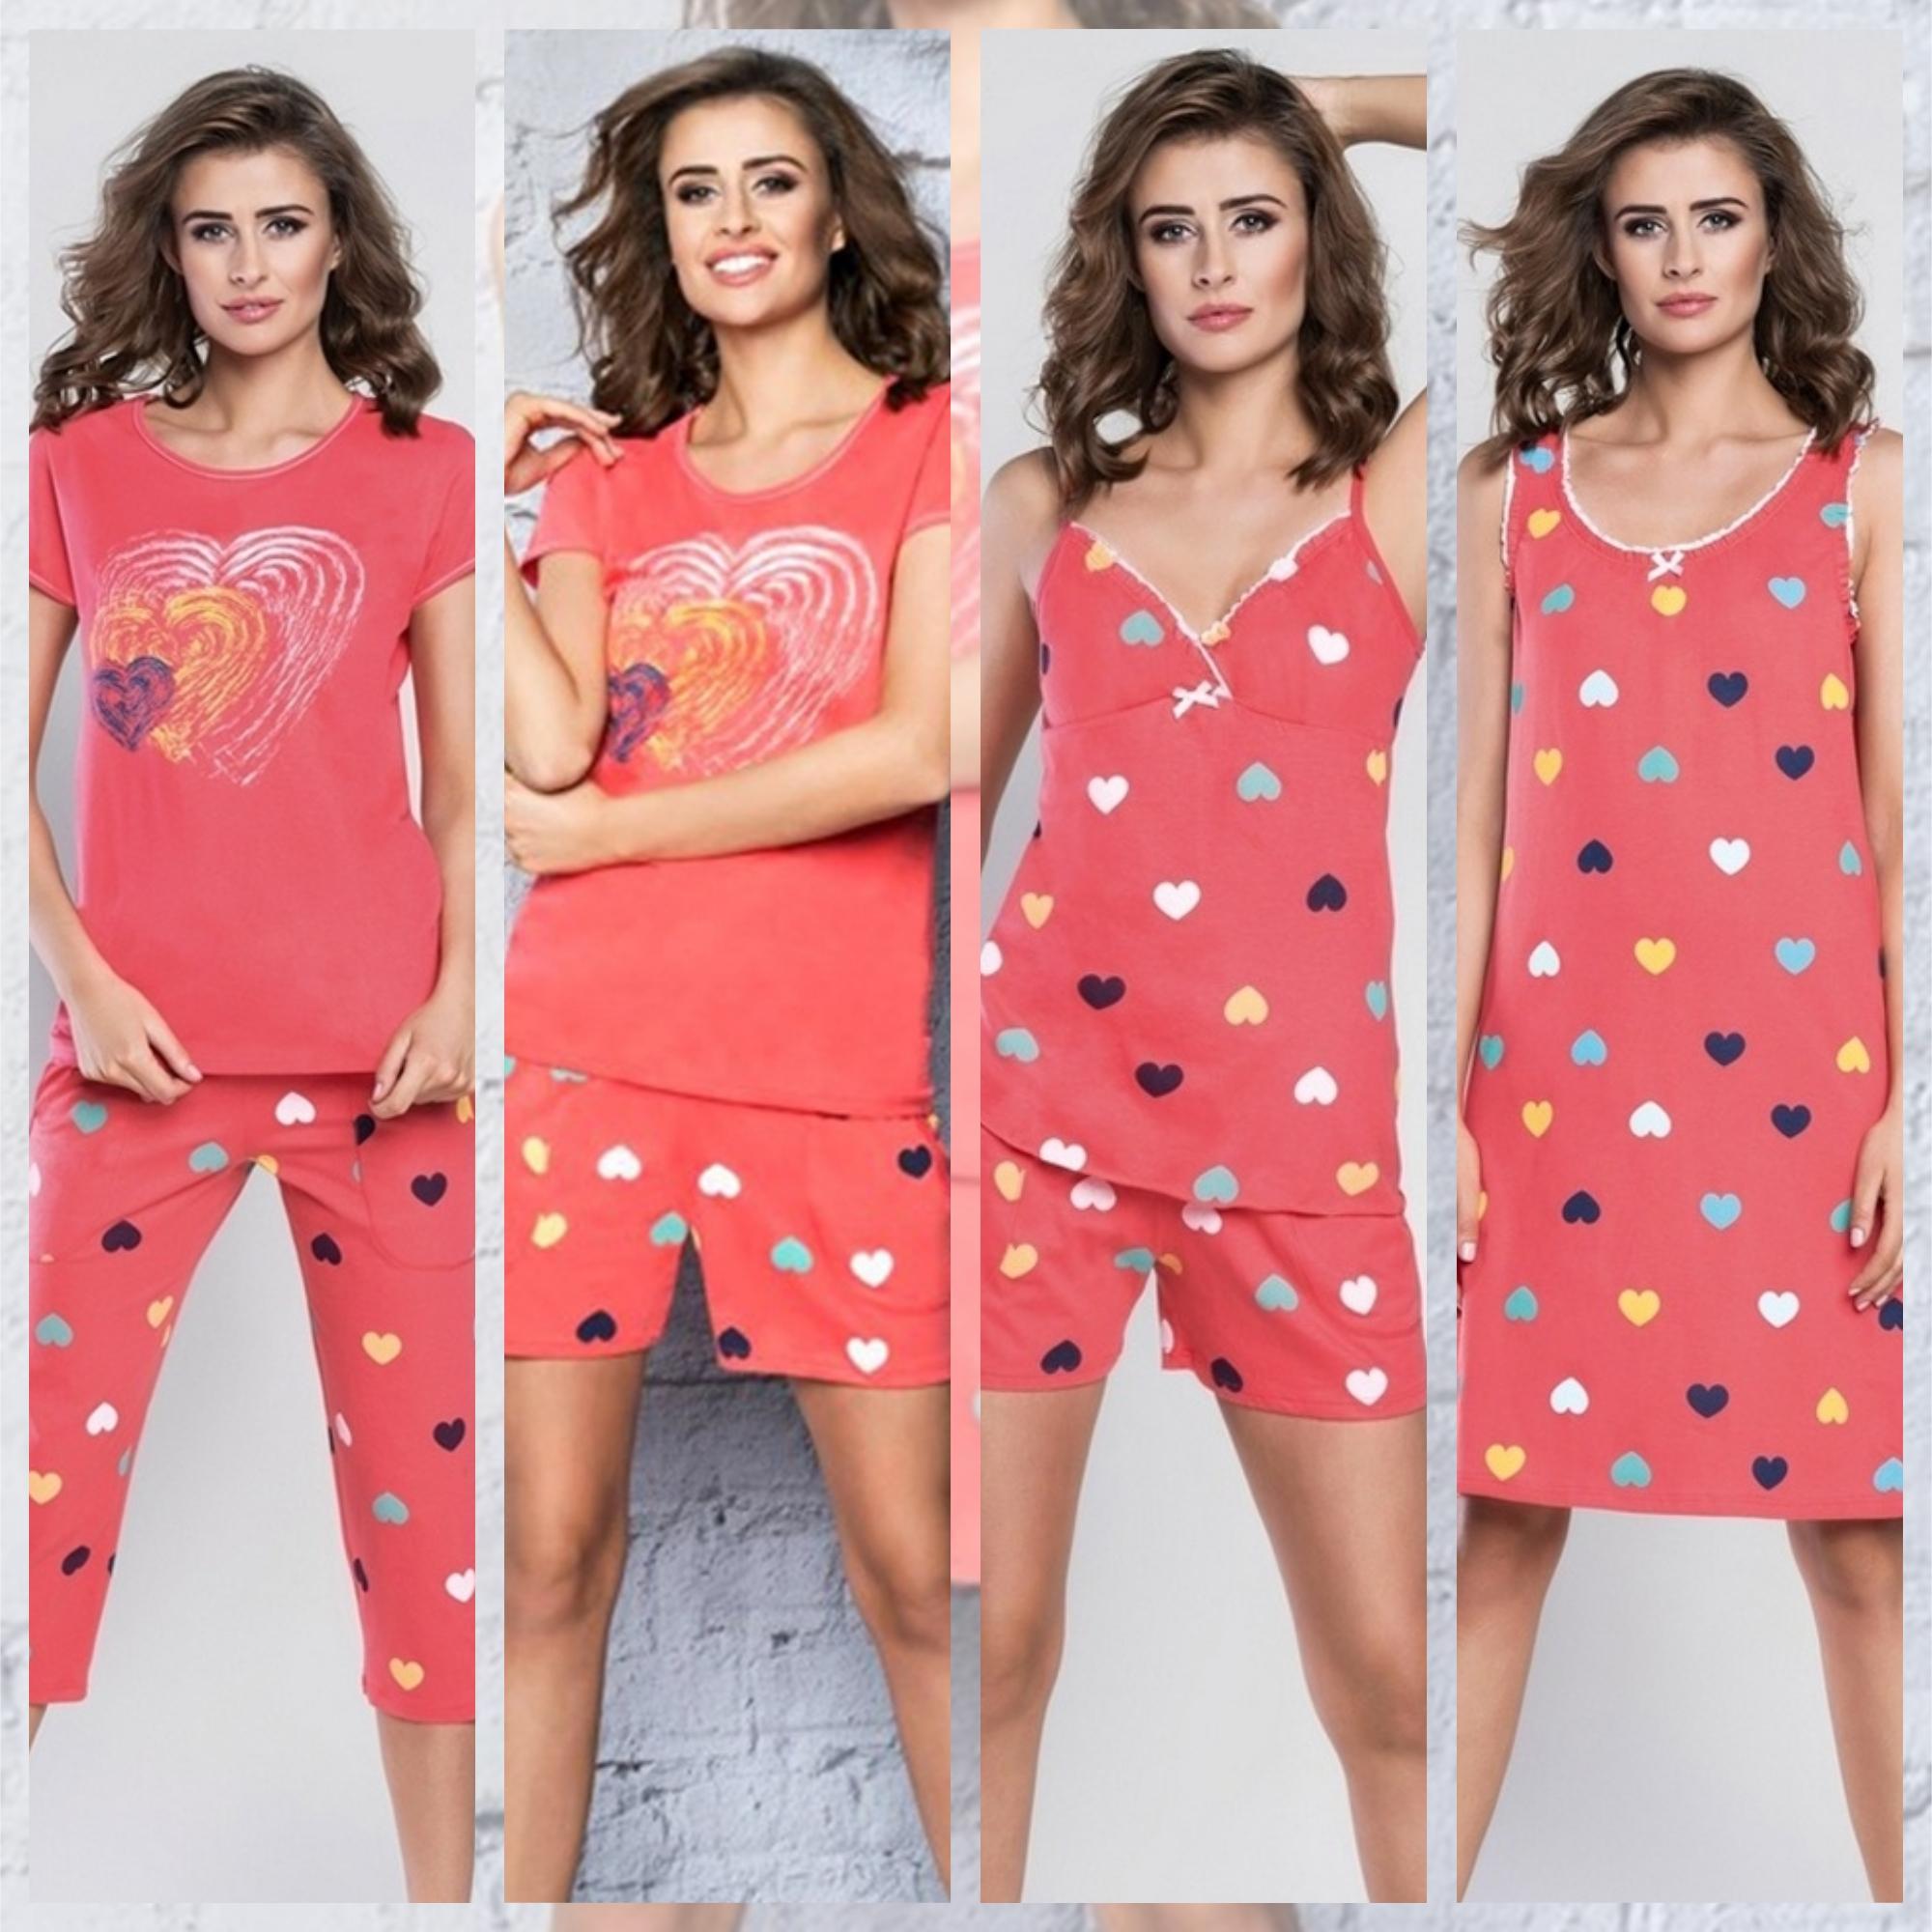 Женские сорочки и пижамы Italian Fashion купить